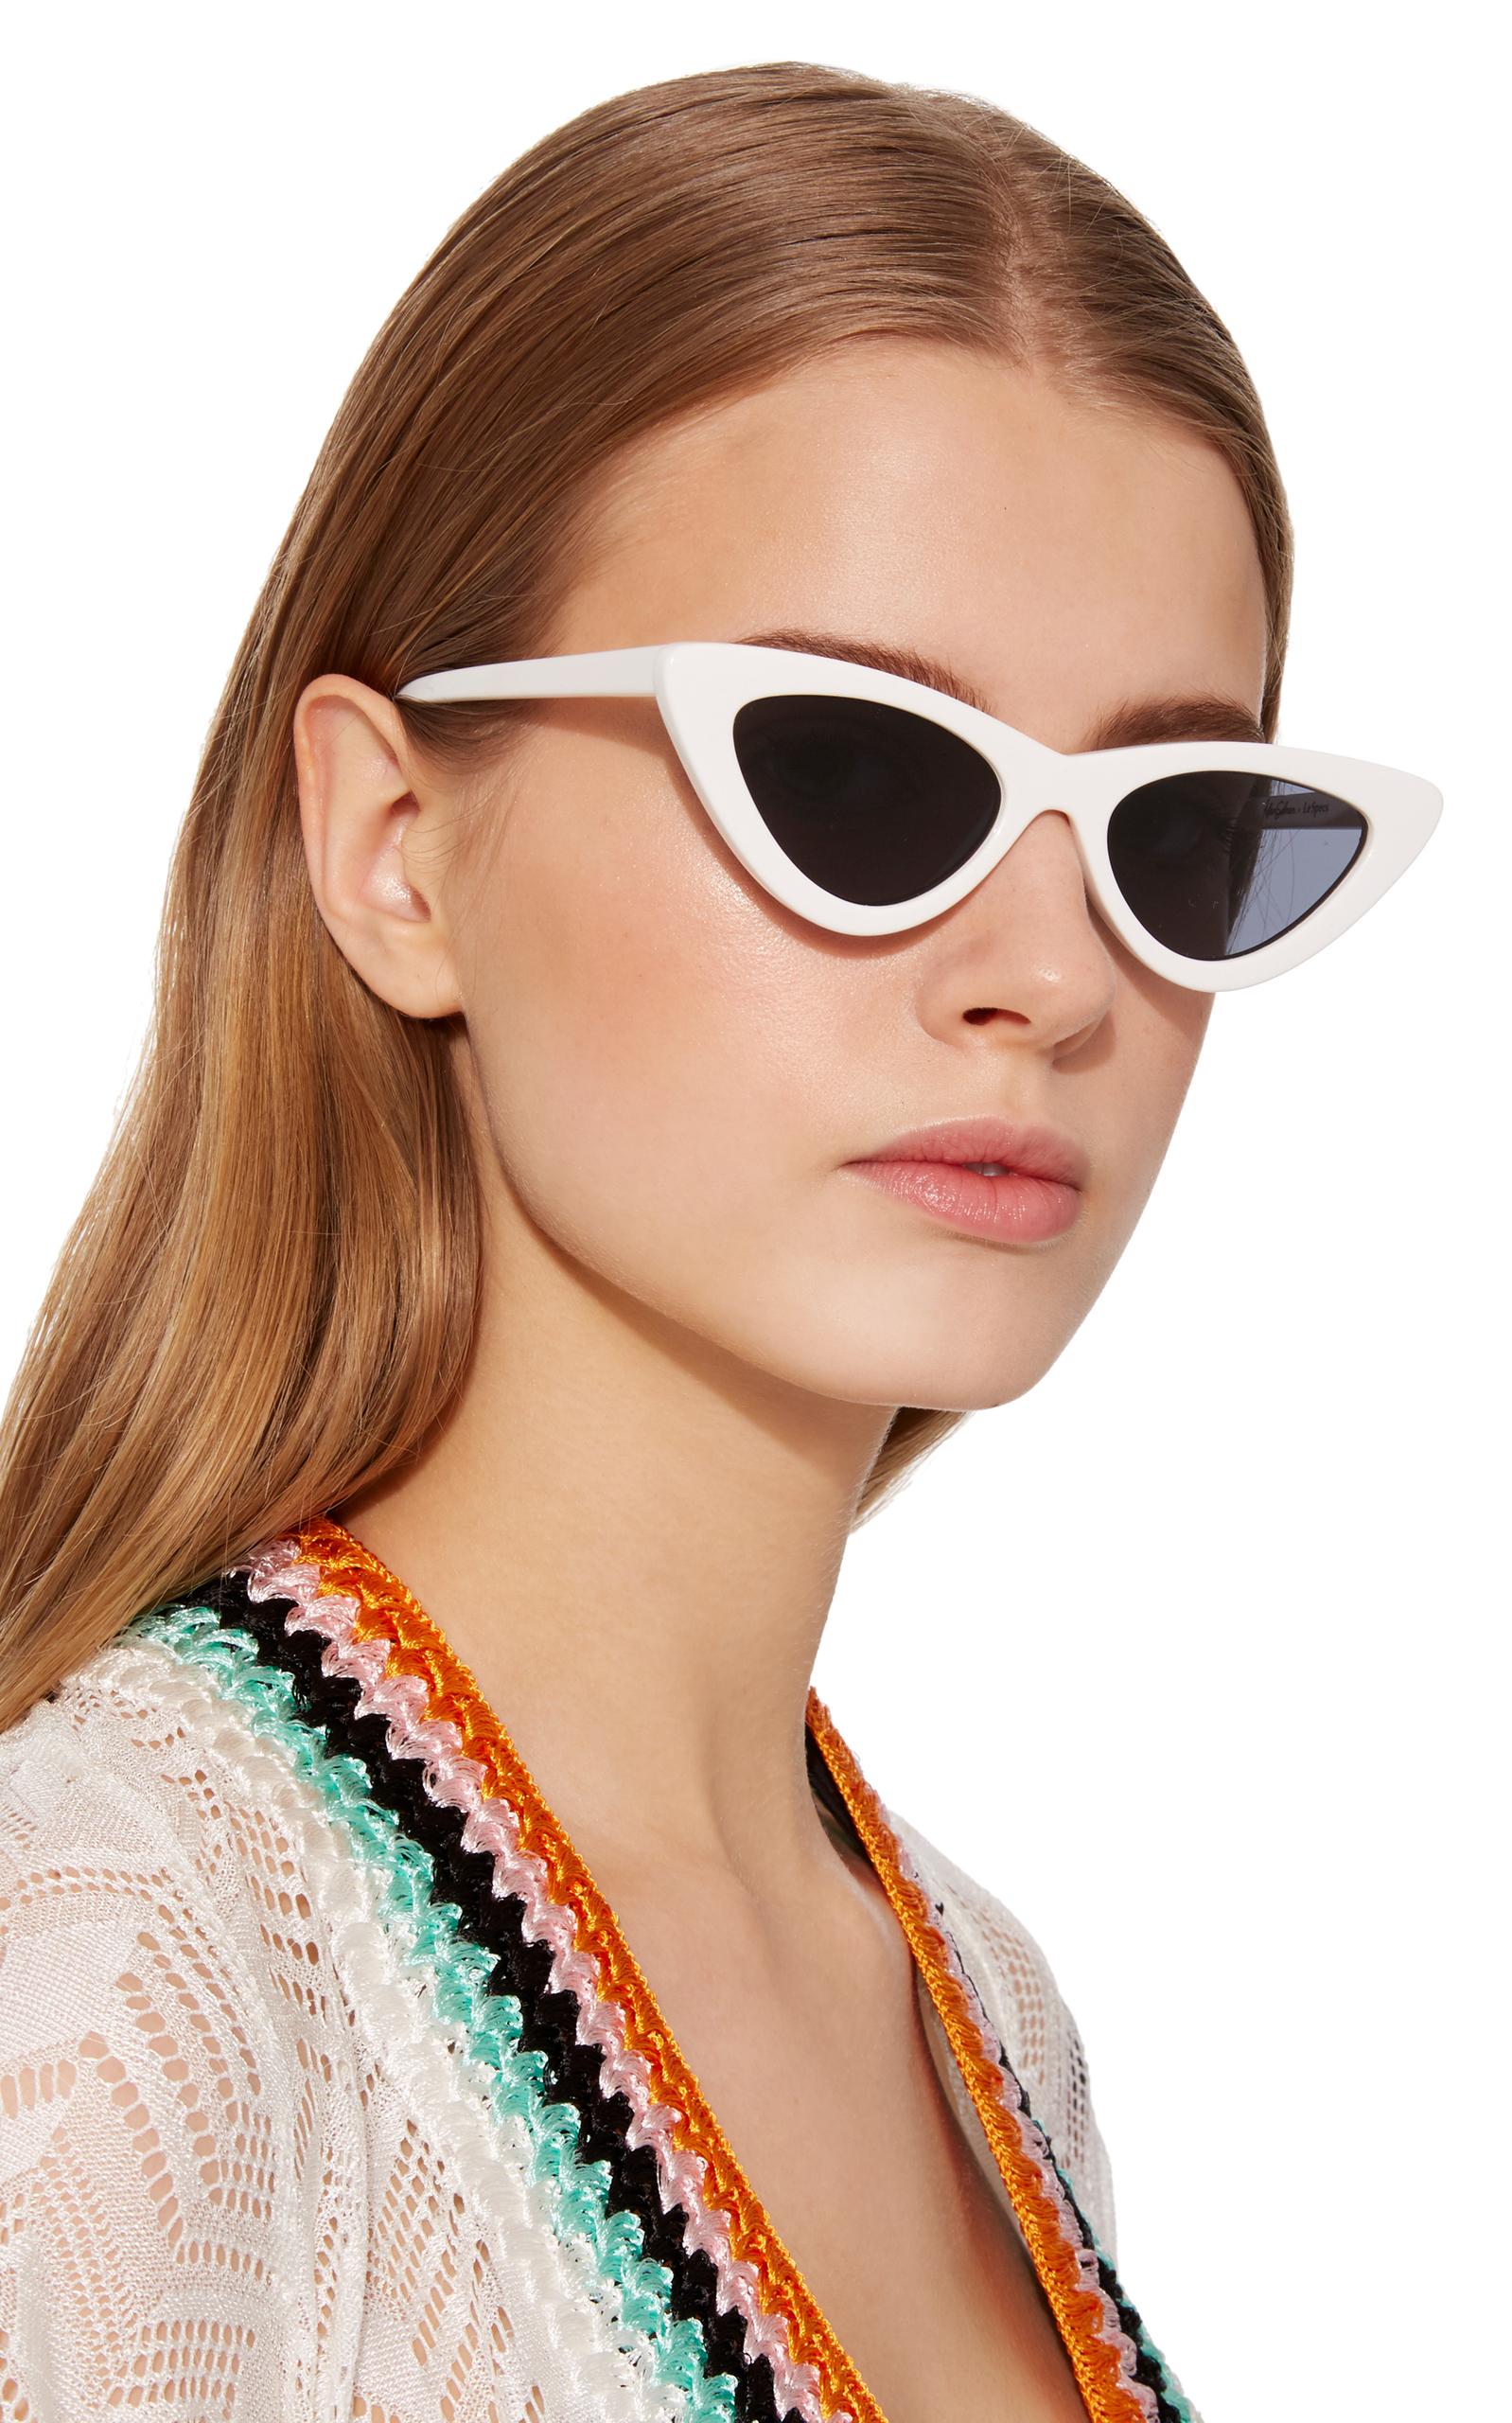 Le Specs Adam Selman X Le Spec Luxe The Last Lolita White Sunglasses ... 0fd85f88f01a9